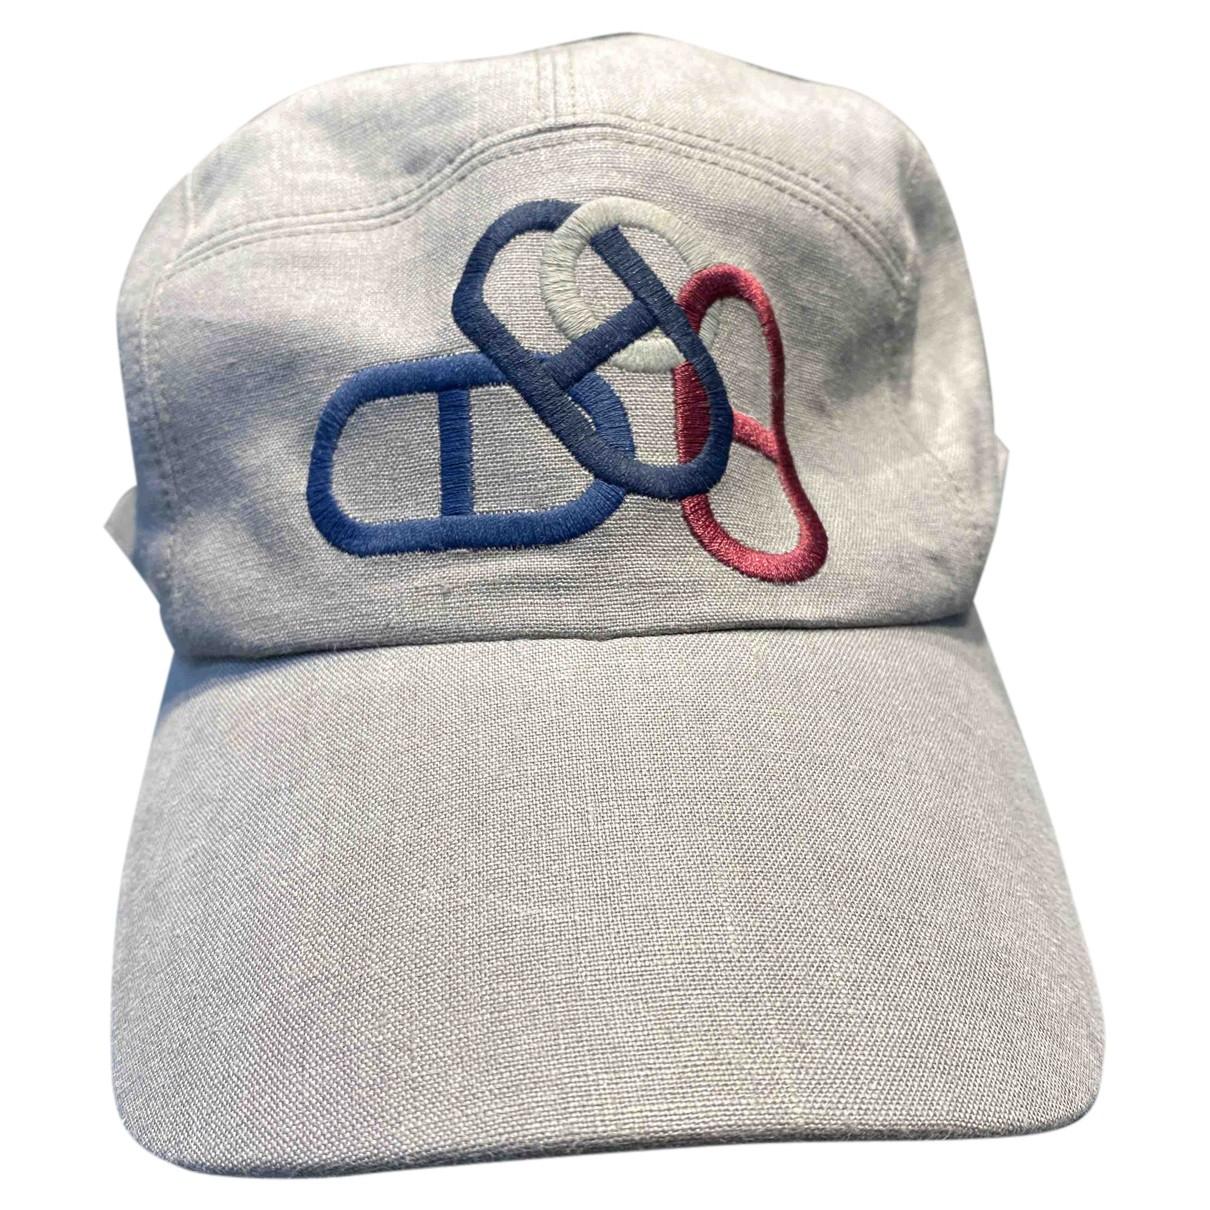 Hermès N Grey Linen hat & pull on hat for Men 60 cm